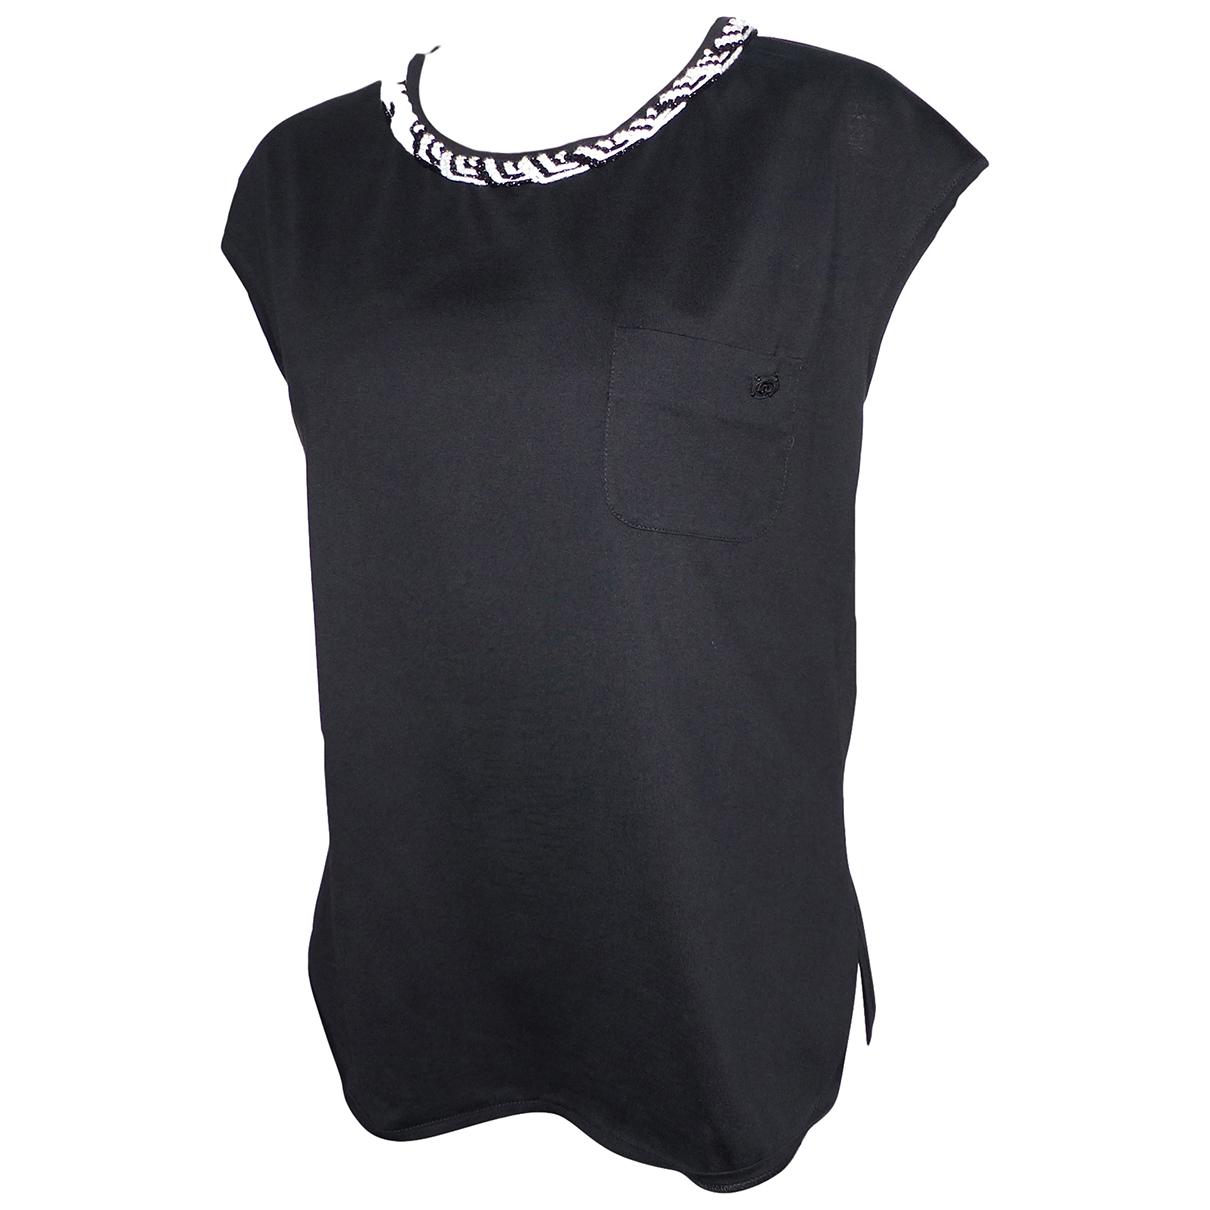 Chanel - Top   pour femme en coton - noir